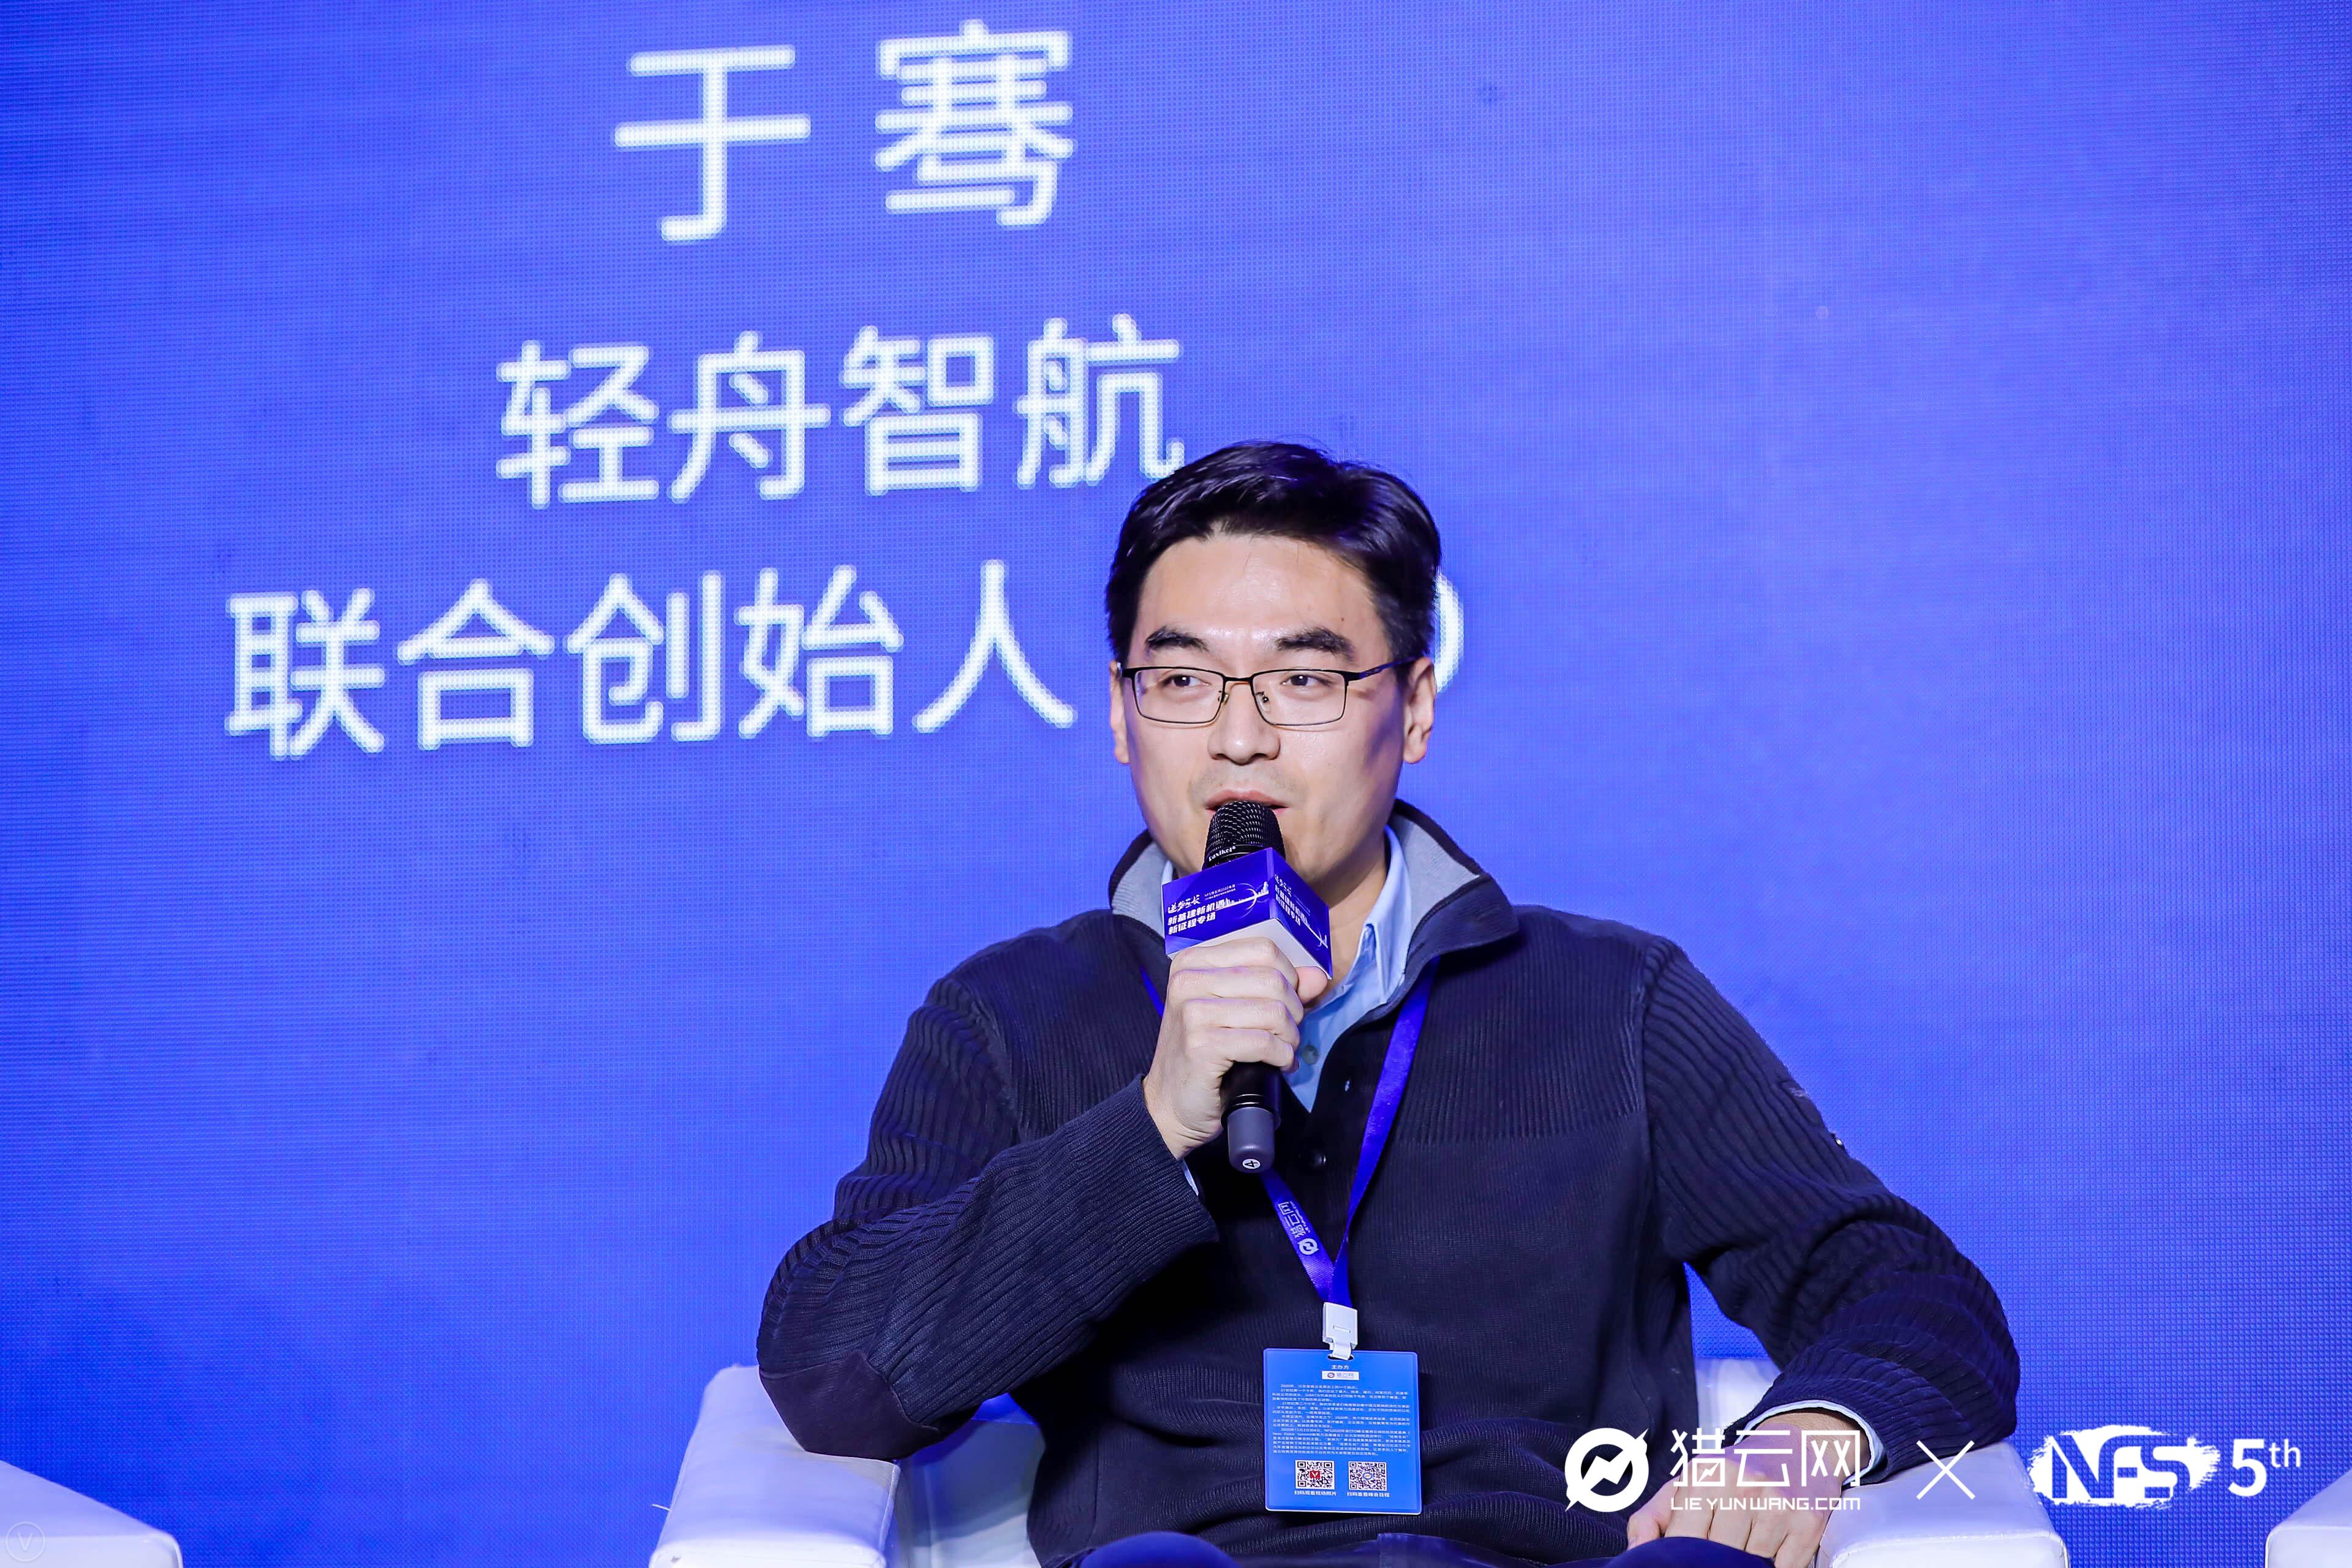 轻舟知行联合创始人兼首席执行官魏昱:未来两年 无人驾驶应用将与新基础设施建设的进度和阶段相匹配